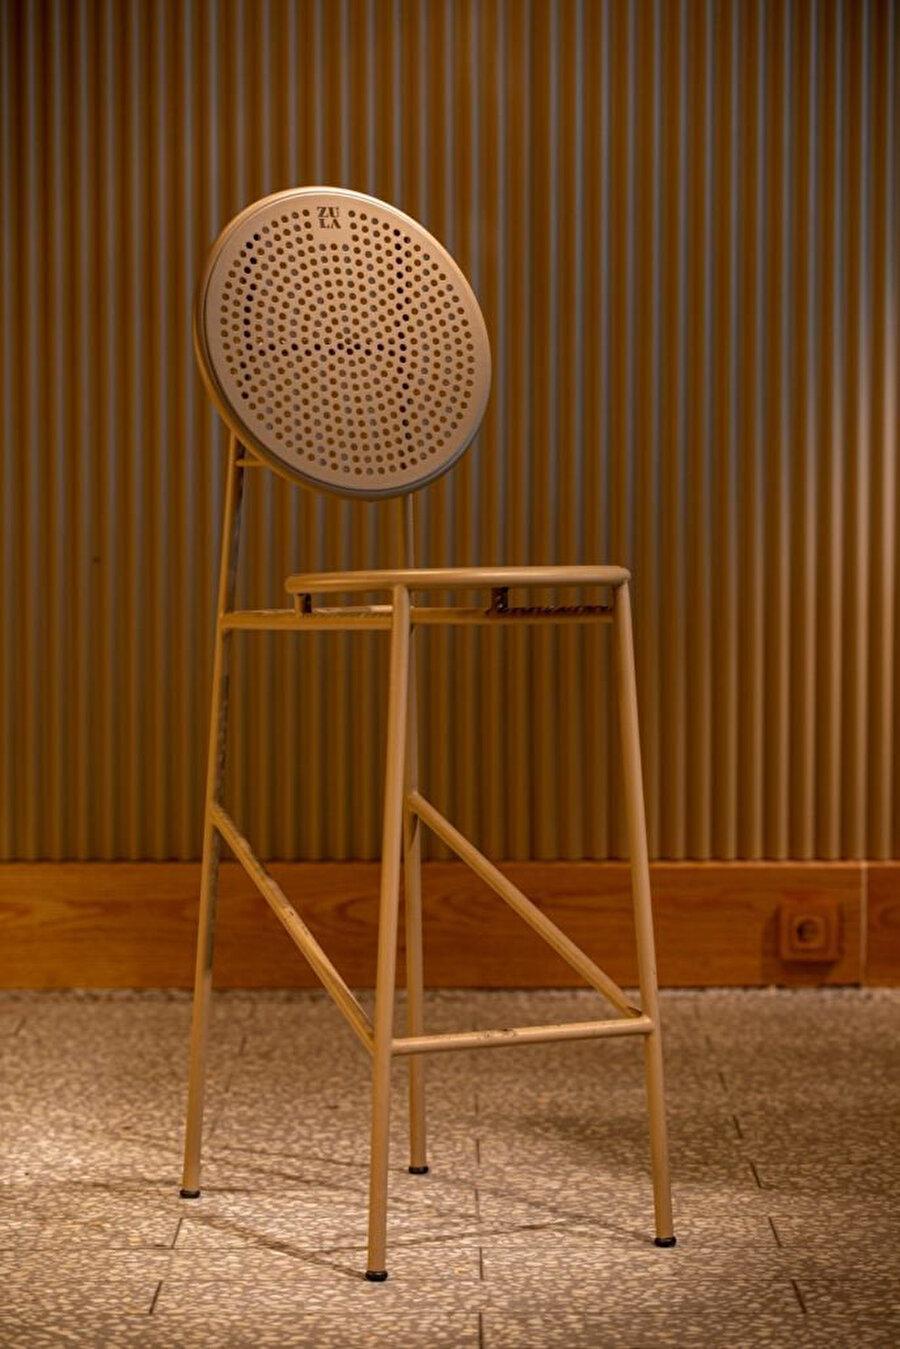 Zula için özel olarak tasarlanan bar sandalyesi.